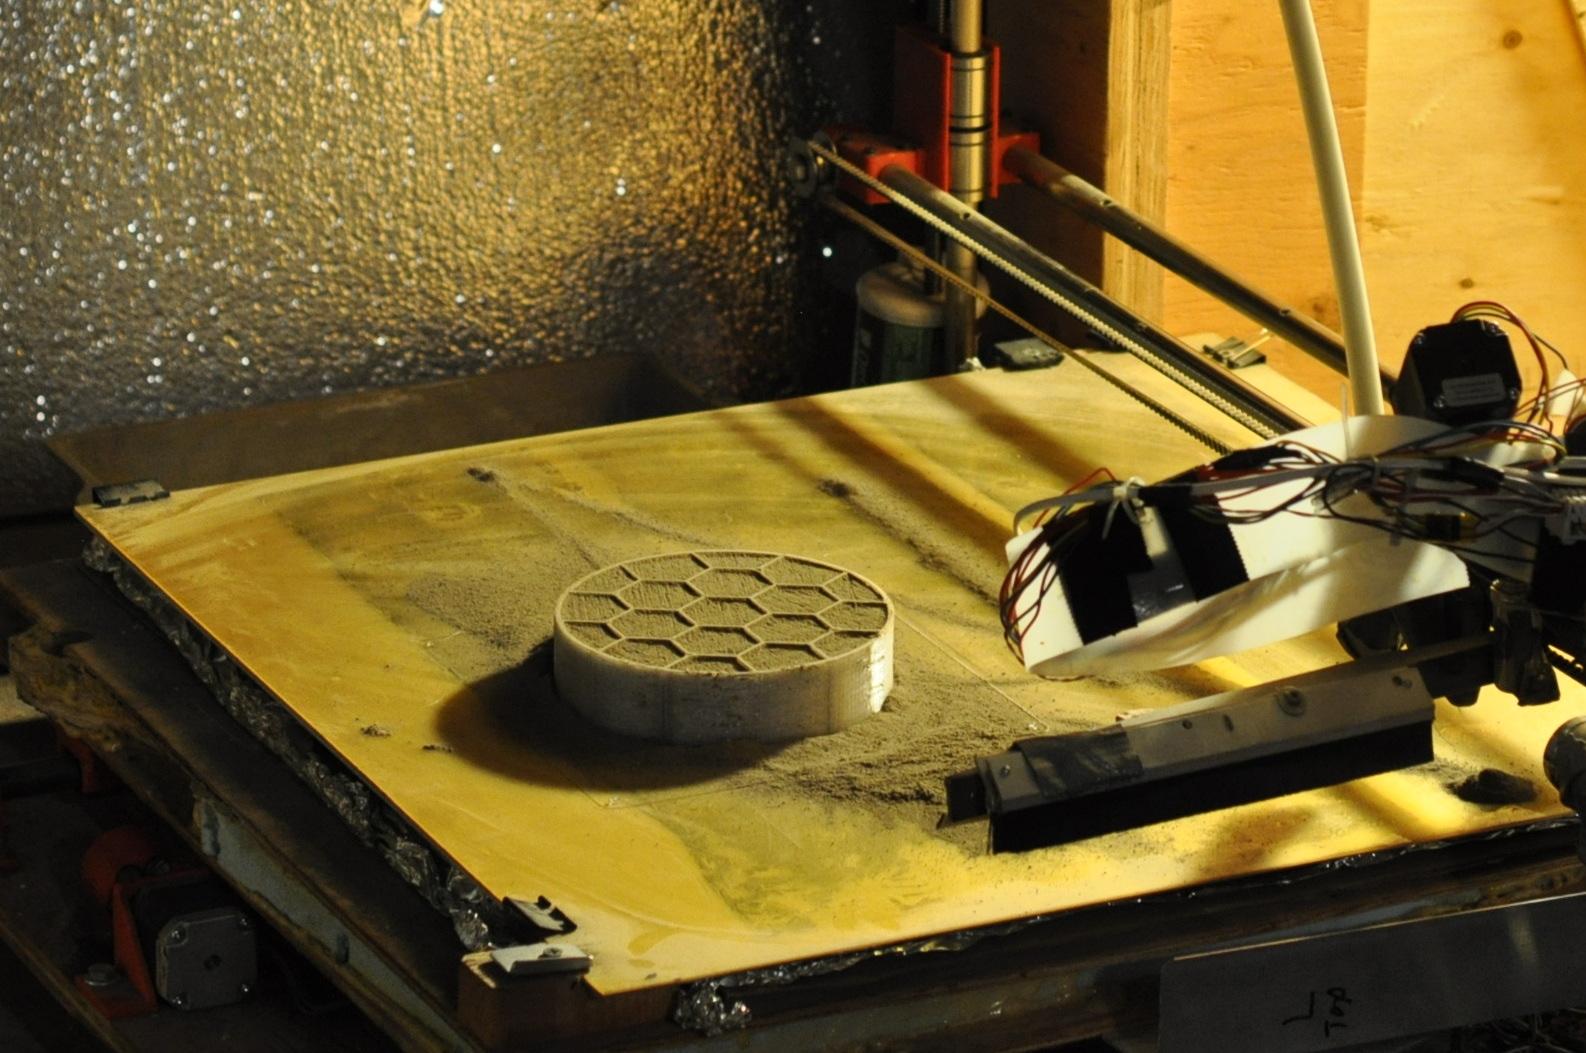 Команда Университета Аляски вФэрбанксе печатает строительные блоки для постройки марсианского жилища врамках конкурса 3D-Printed Habitat Challenge.